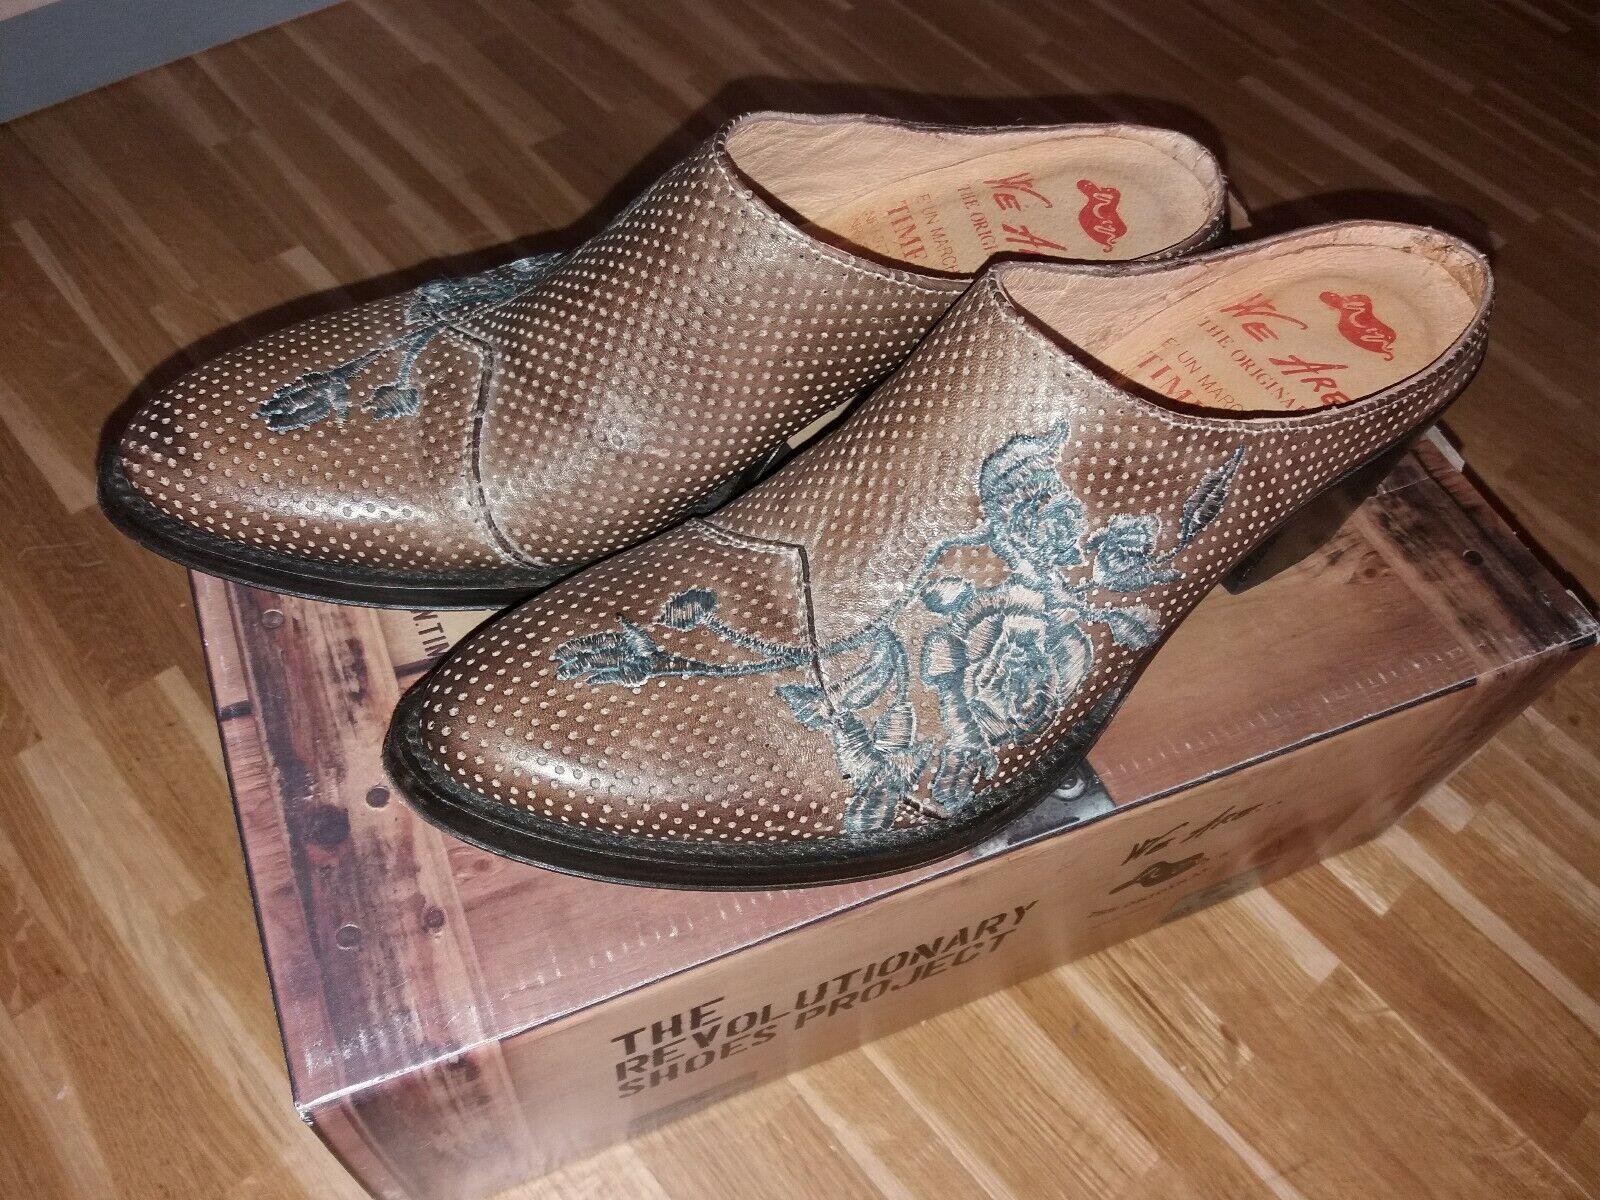 Gr.38 Damen Schuhe Pantoletten Echtleder aus Italien neu